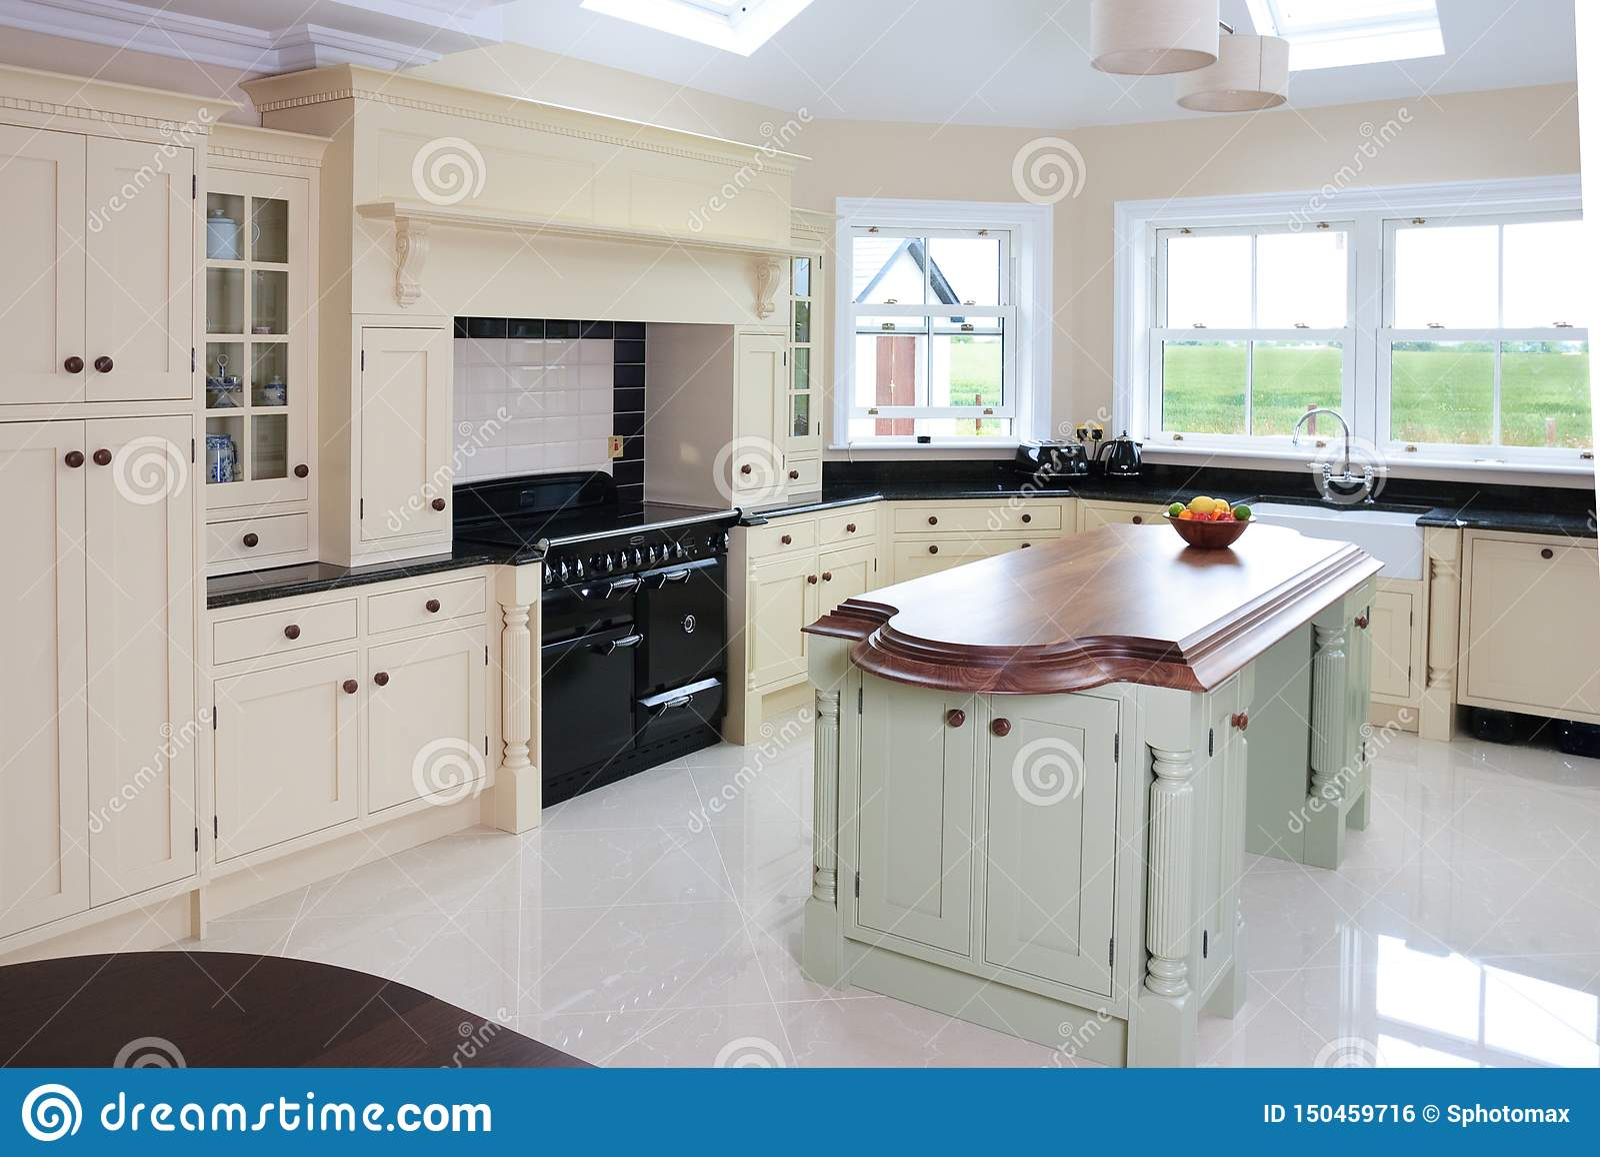 Domowy kuchenny wnętrze z pięknym wyspa projektem